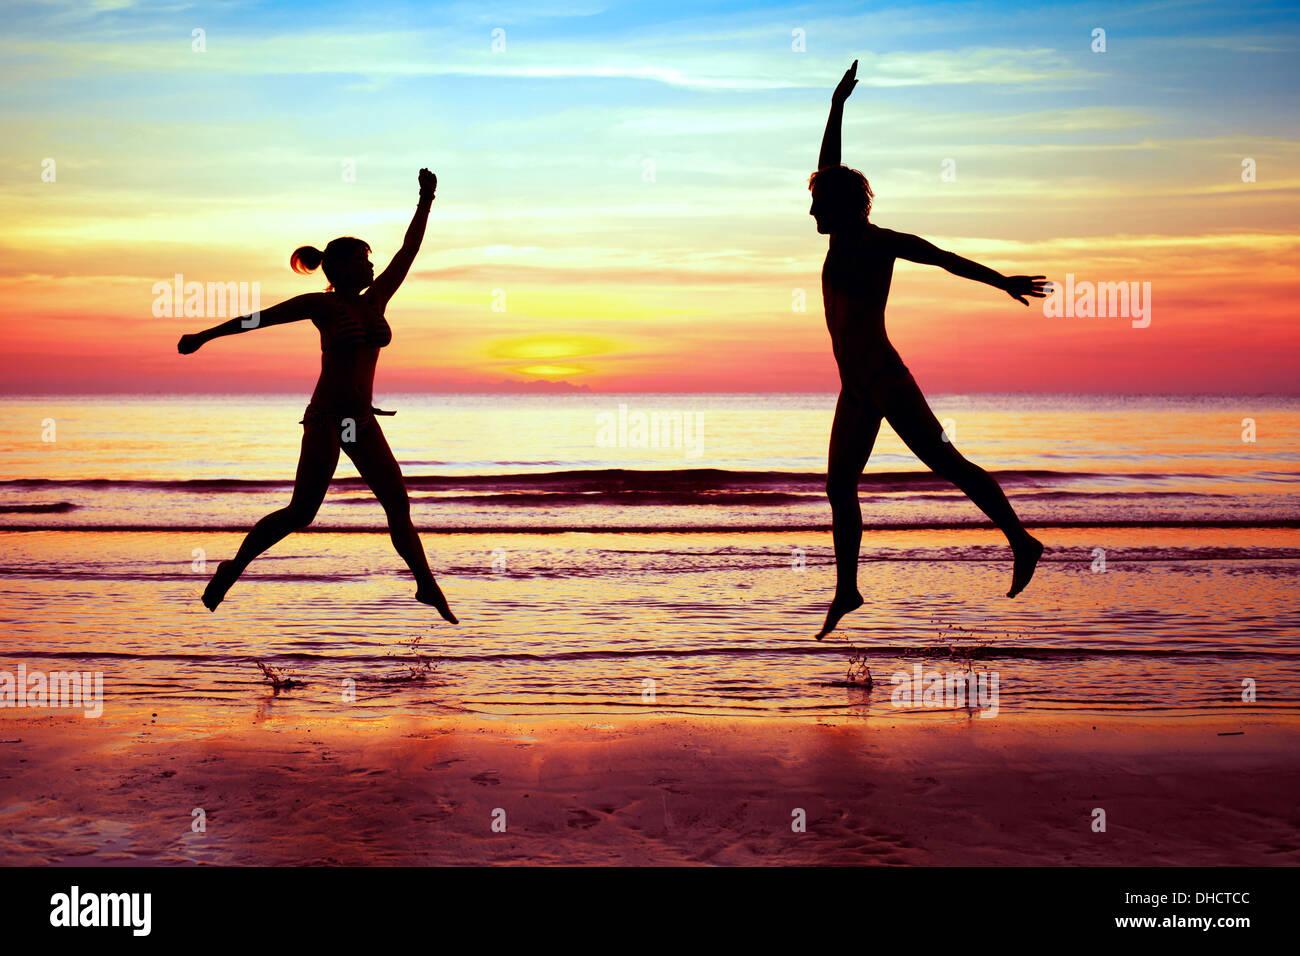 La felicità, giovane salto sulla spiaggia Immagini Stock